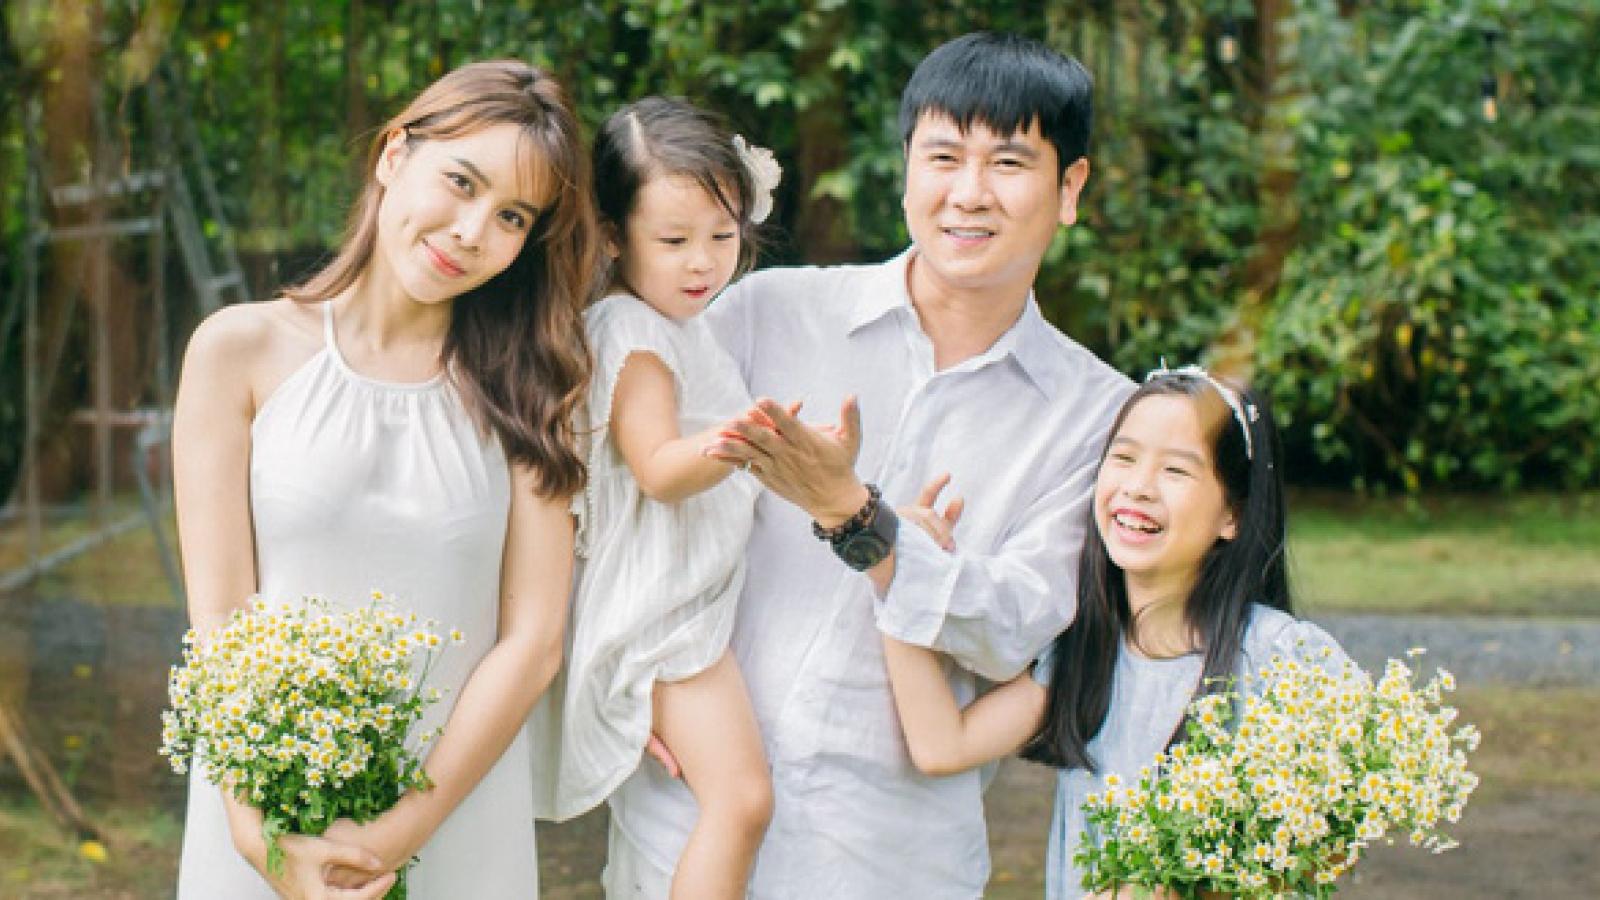 Nghiên cứu khoa học chỉ ra rằng: Nhà có 2 cô con gái gia đình dễ thành công hơn